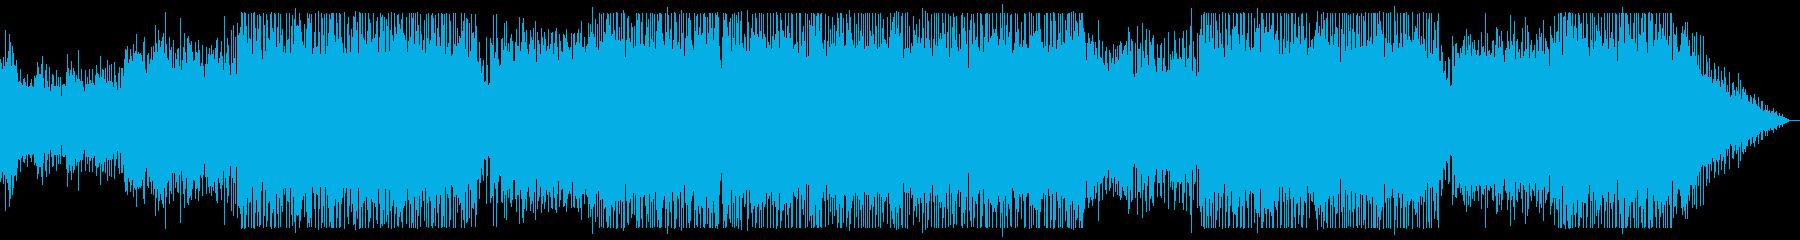 モダン和風デジタルロックの再生済みの波形